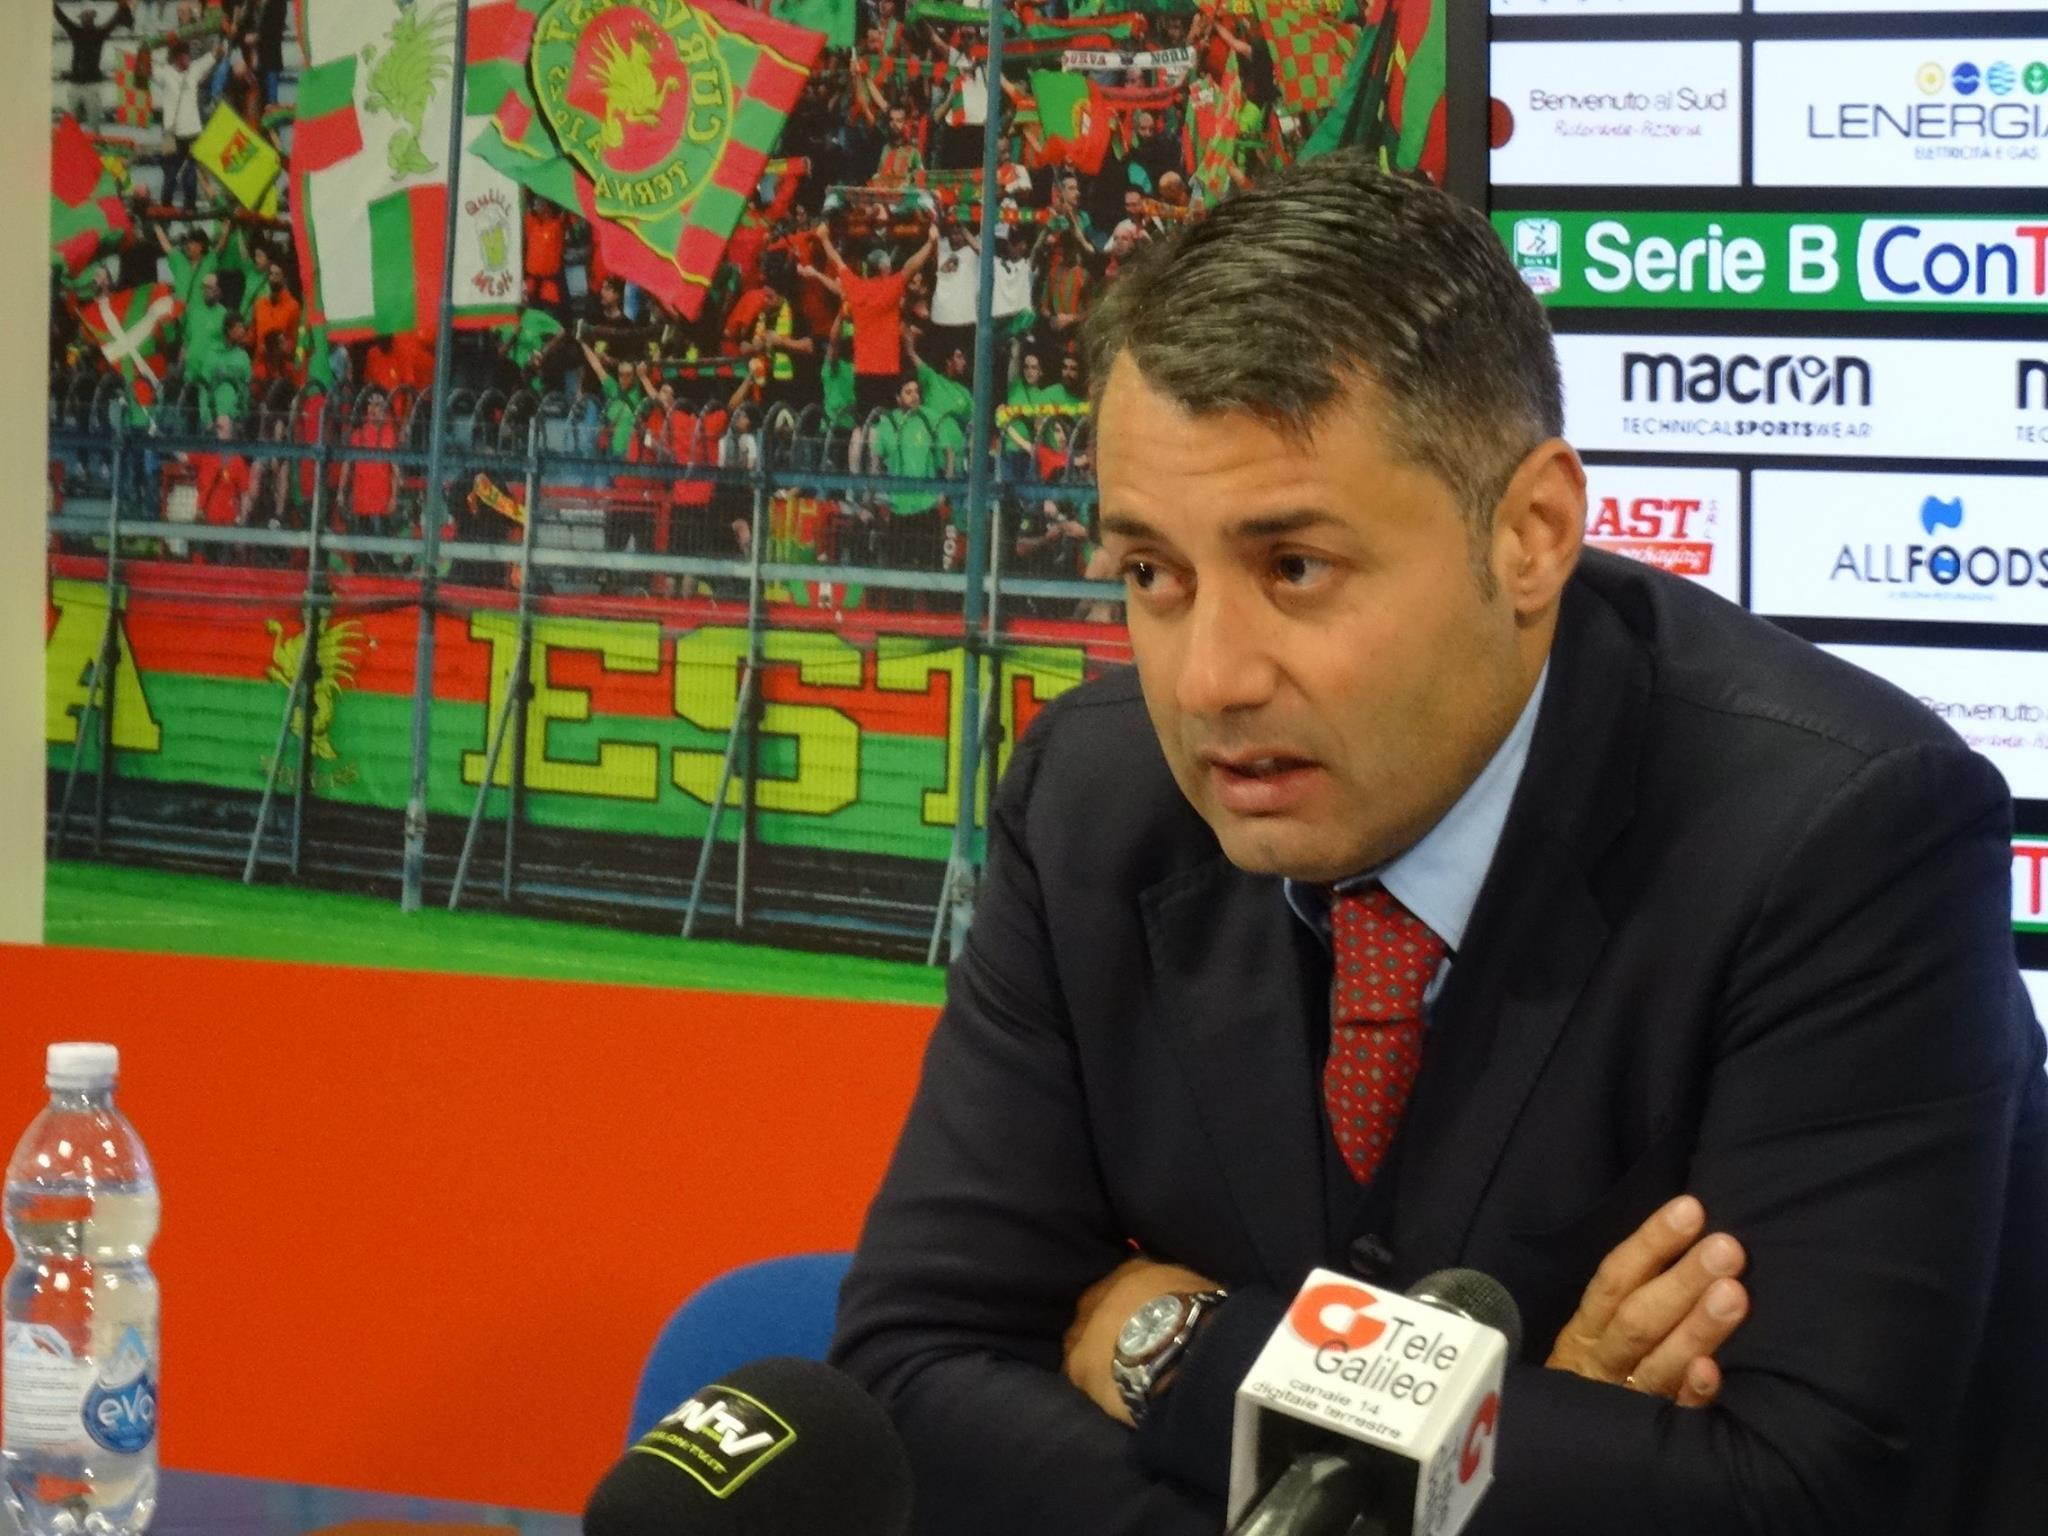 Ternana calcio, Danilo Pagni 'Ripartiamo nel migliore dei modi'